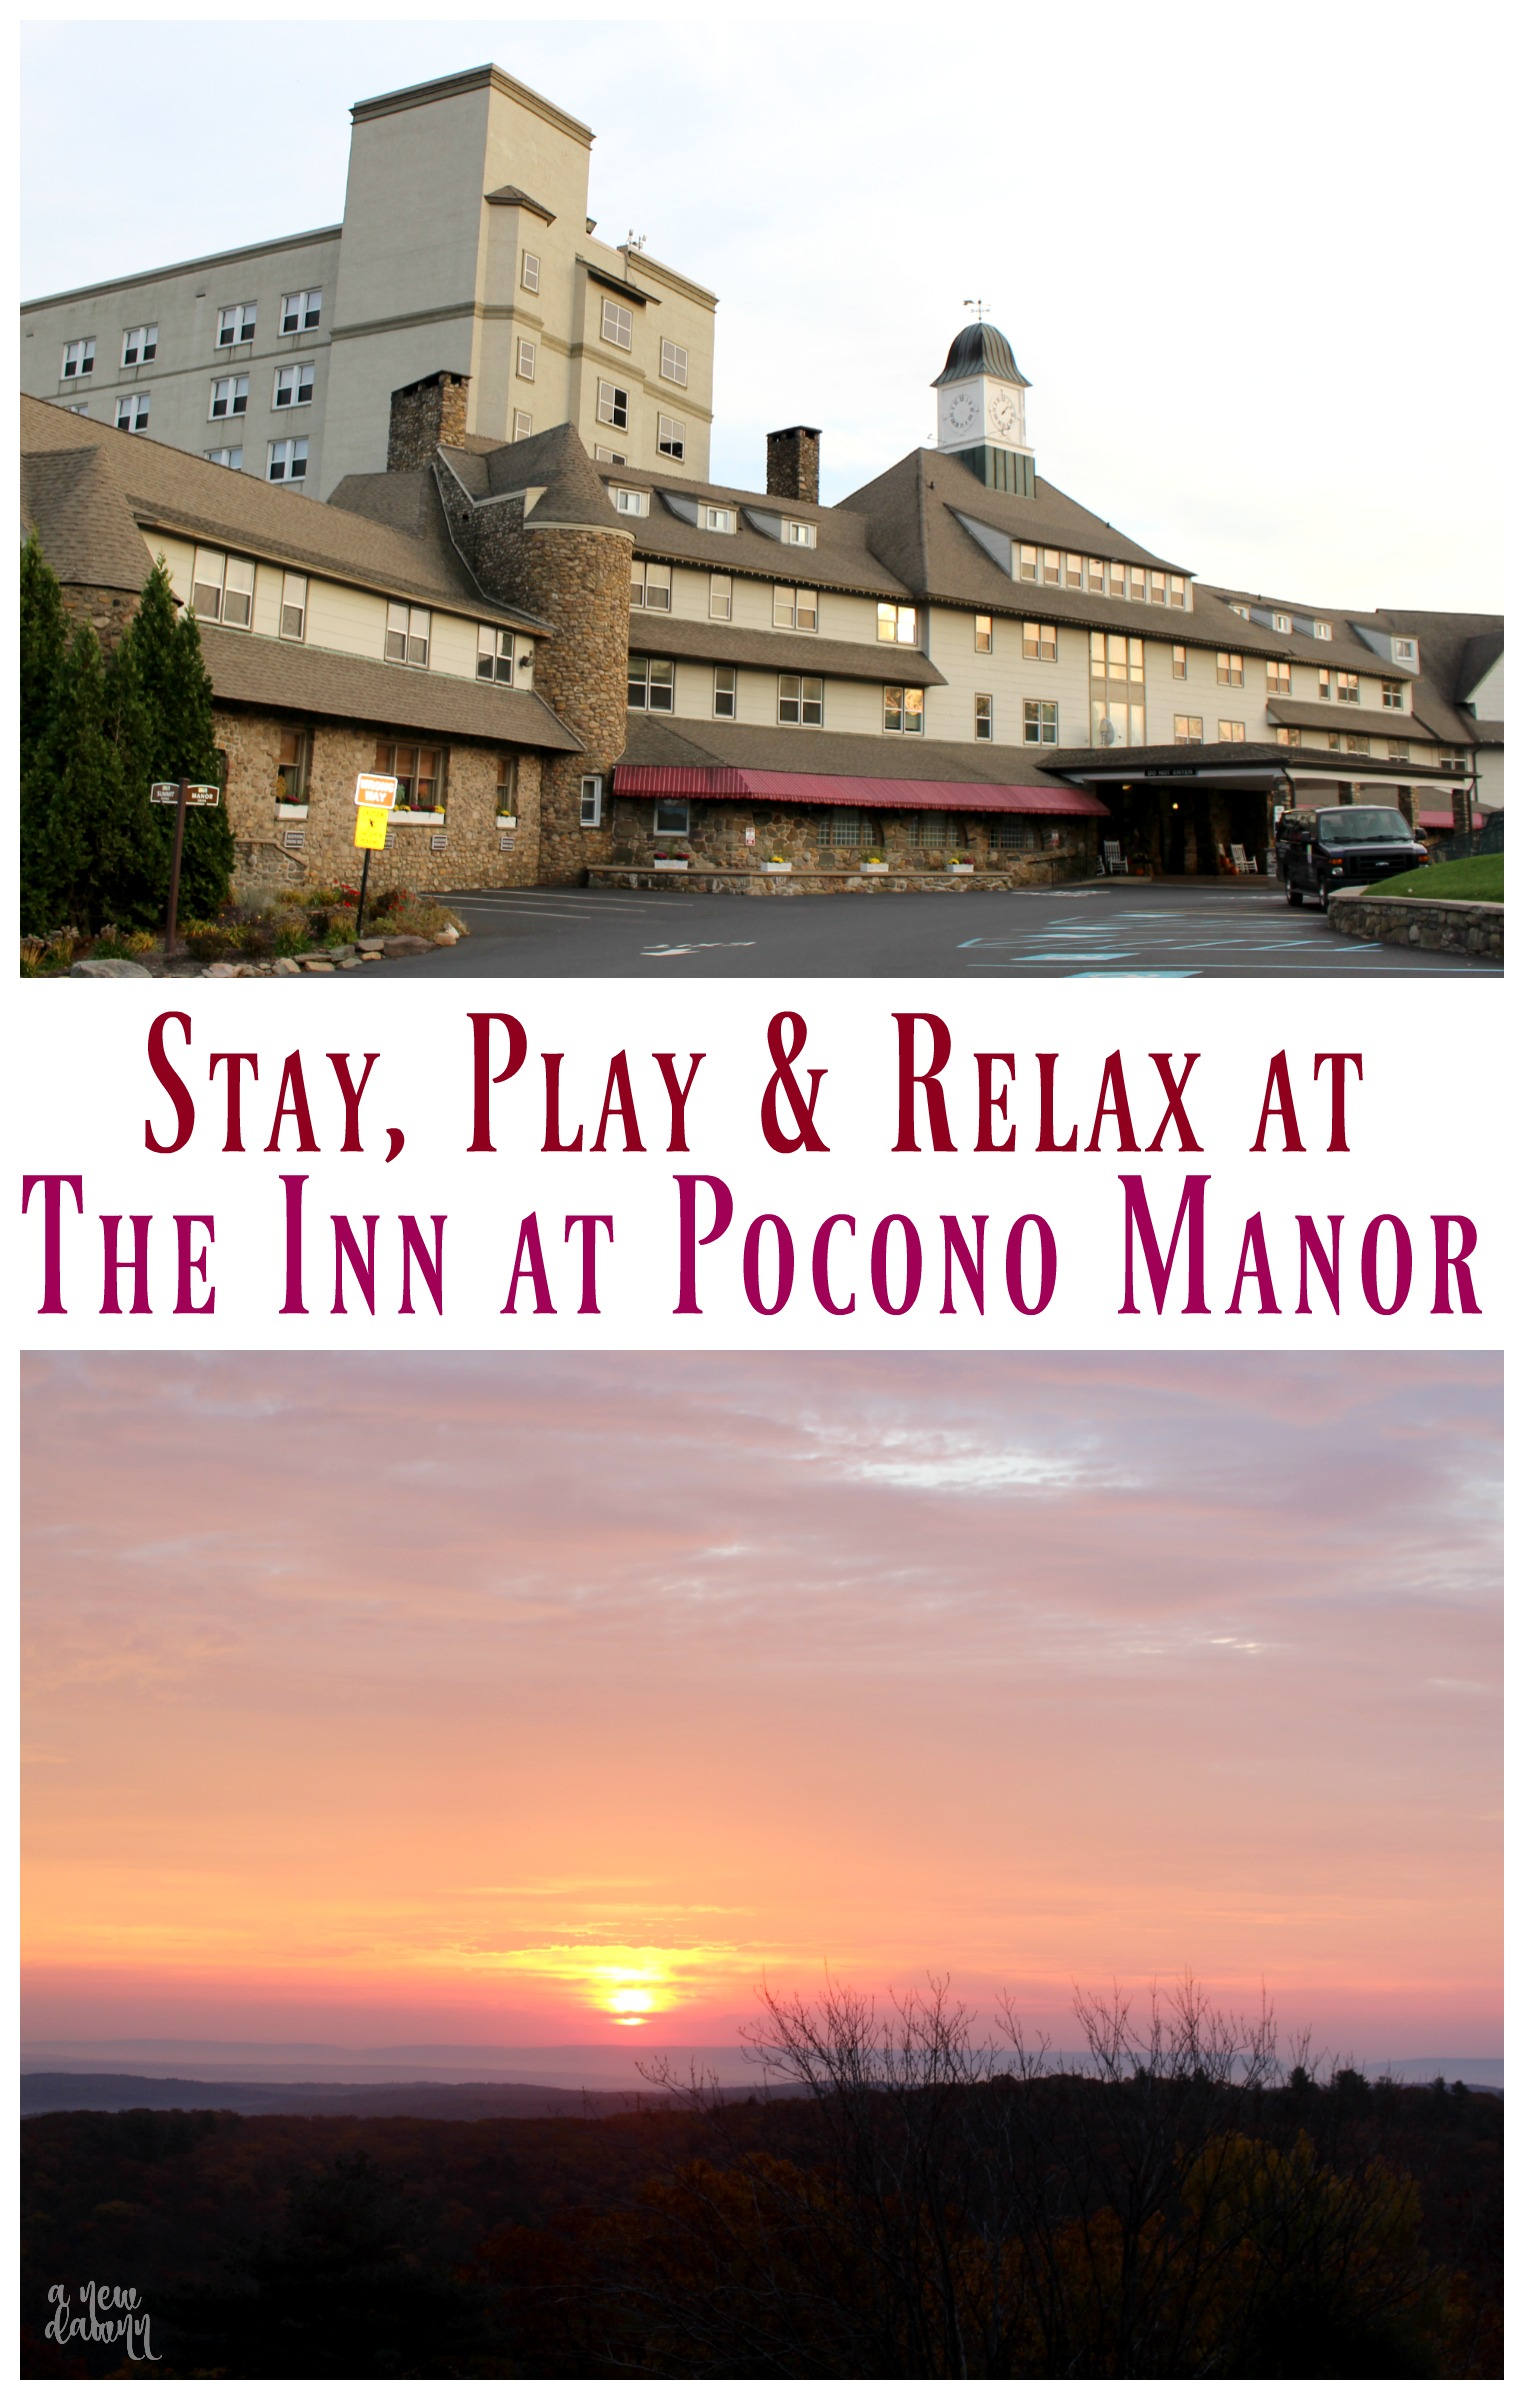 The Inn at Pocono Manor